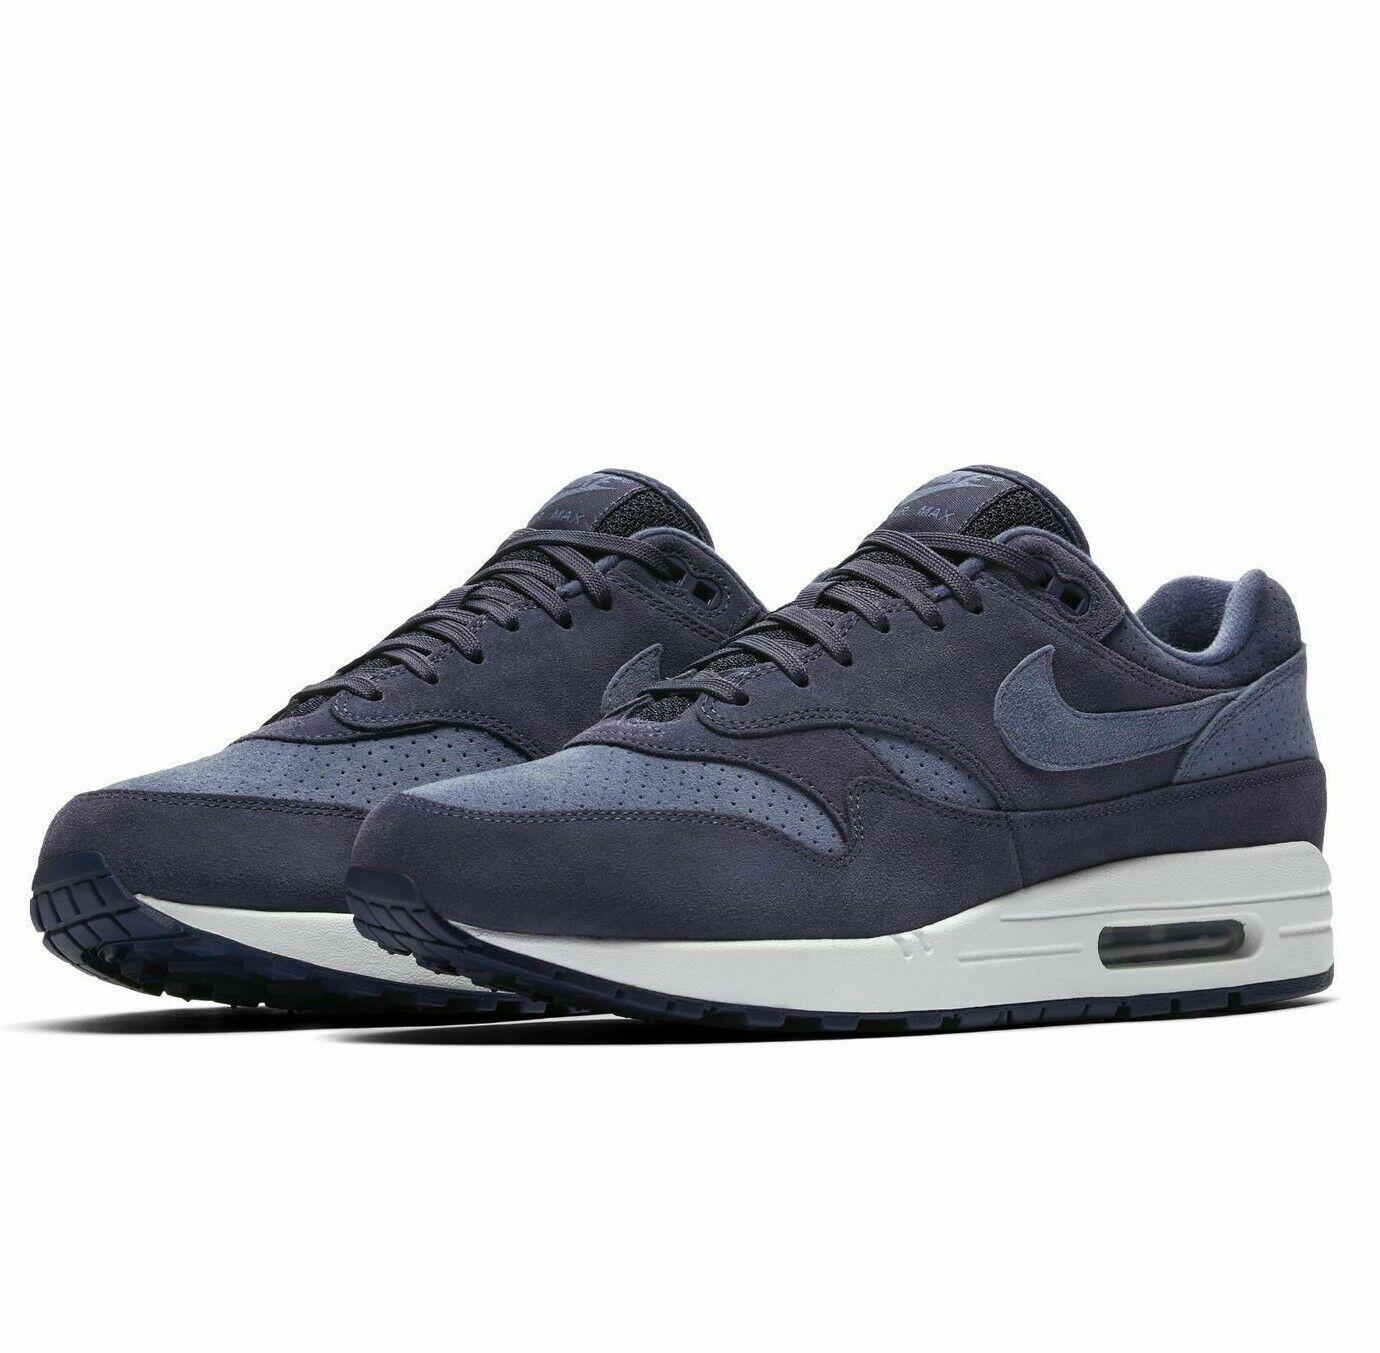 Mens Nike AIR MAX 1 PREMIUM Running shoes -Neutral Indigo -875844 501-Sz 11 -New